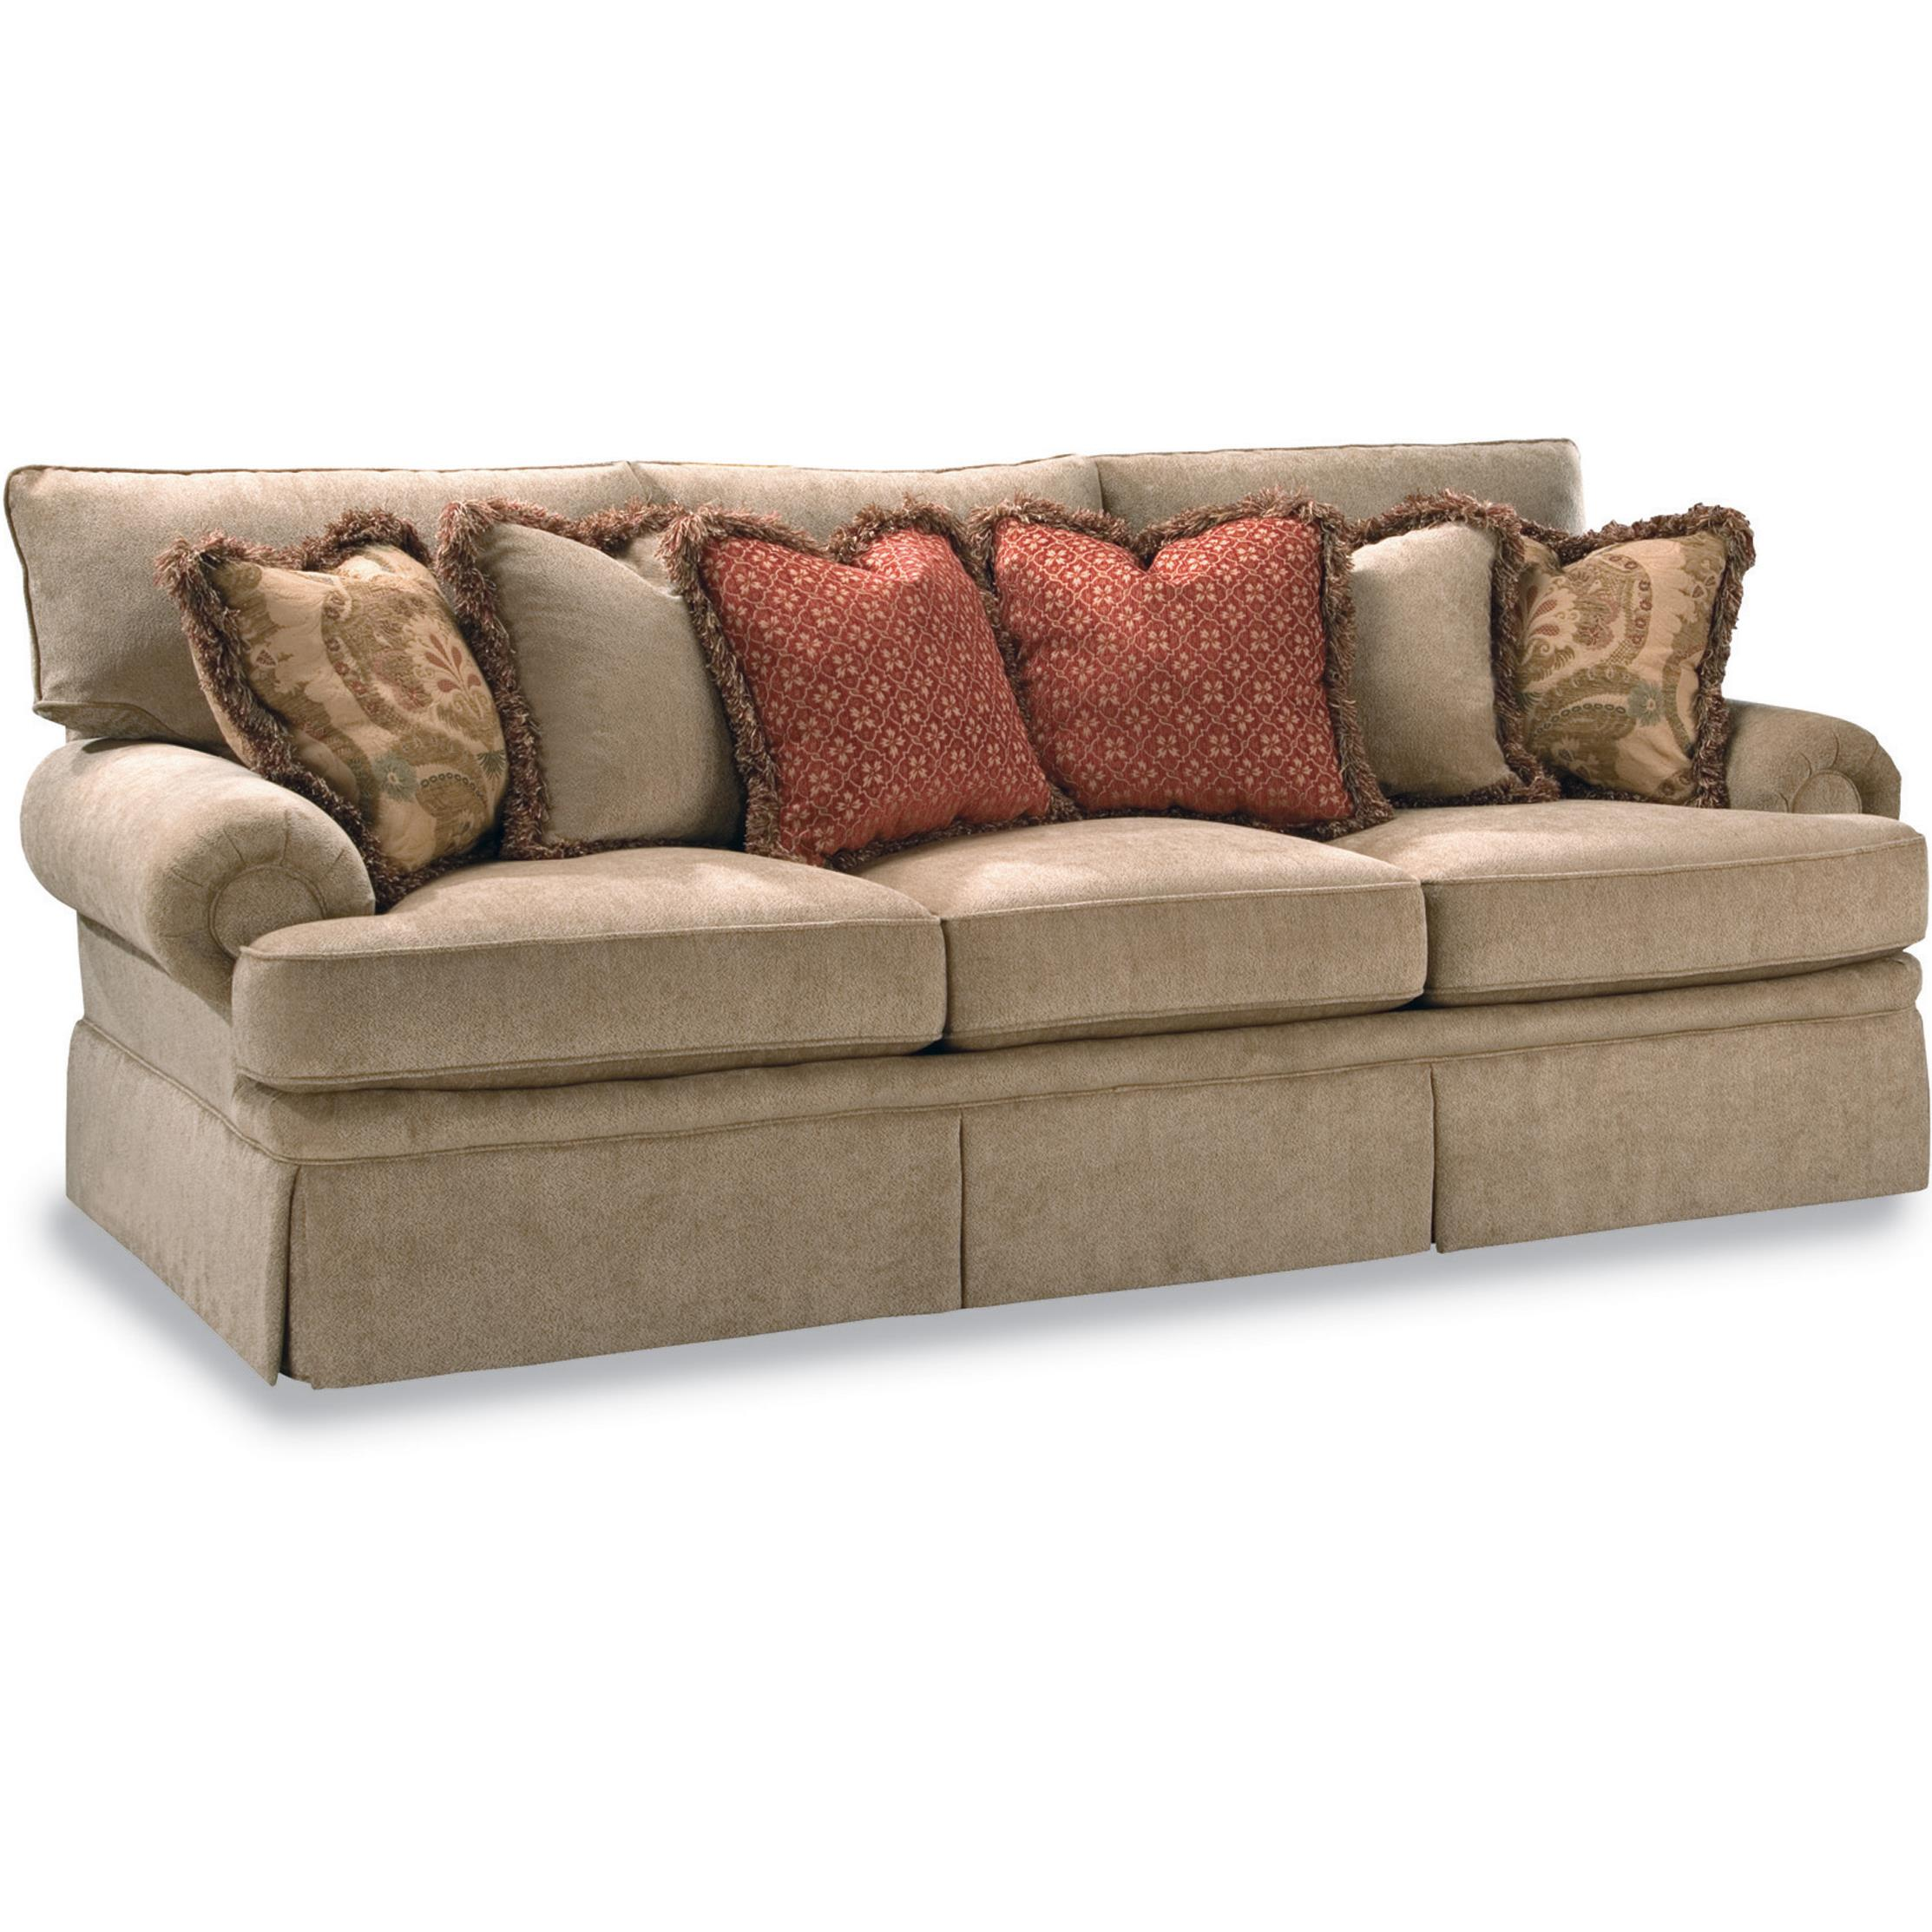 huntington sectional sofa kennedy art van house for 3398 20